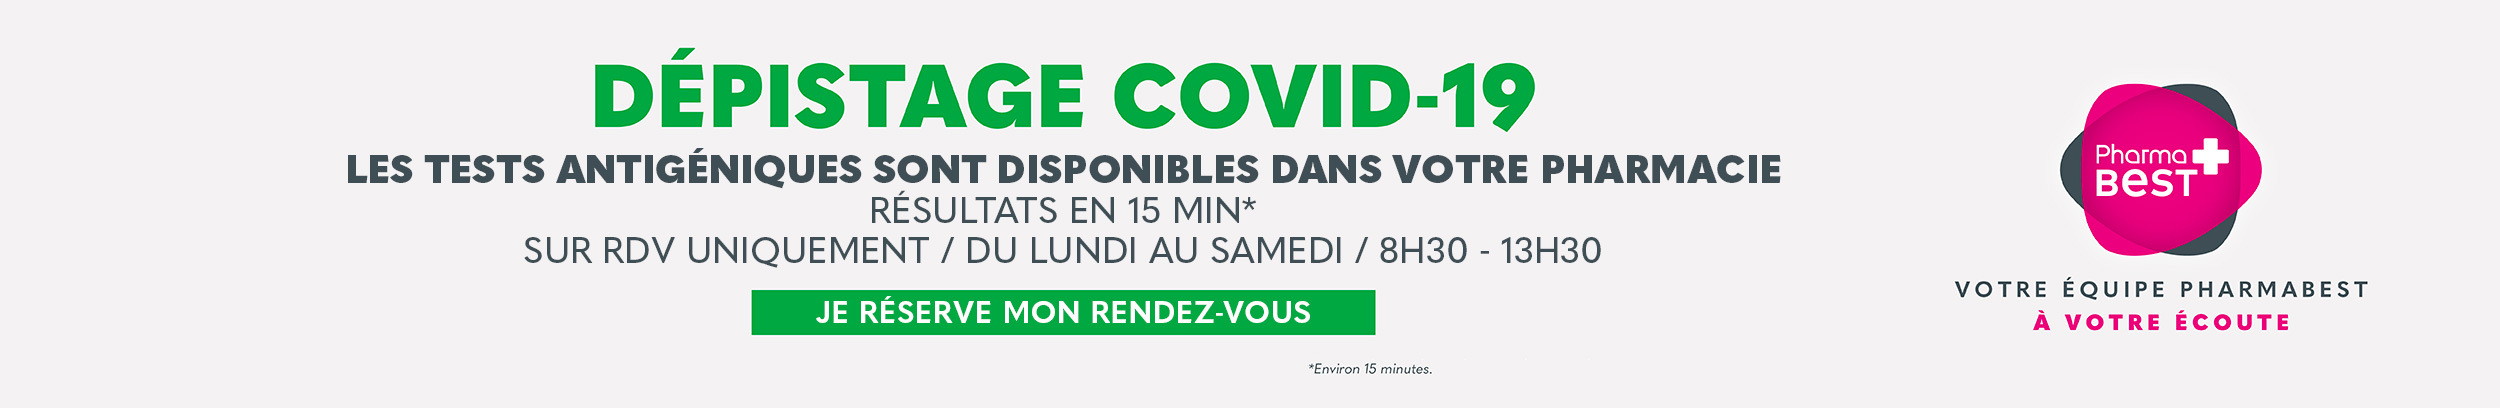 Dépistage COVID-19 - Fort de France